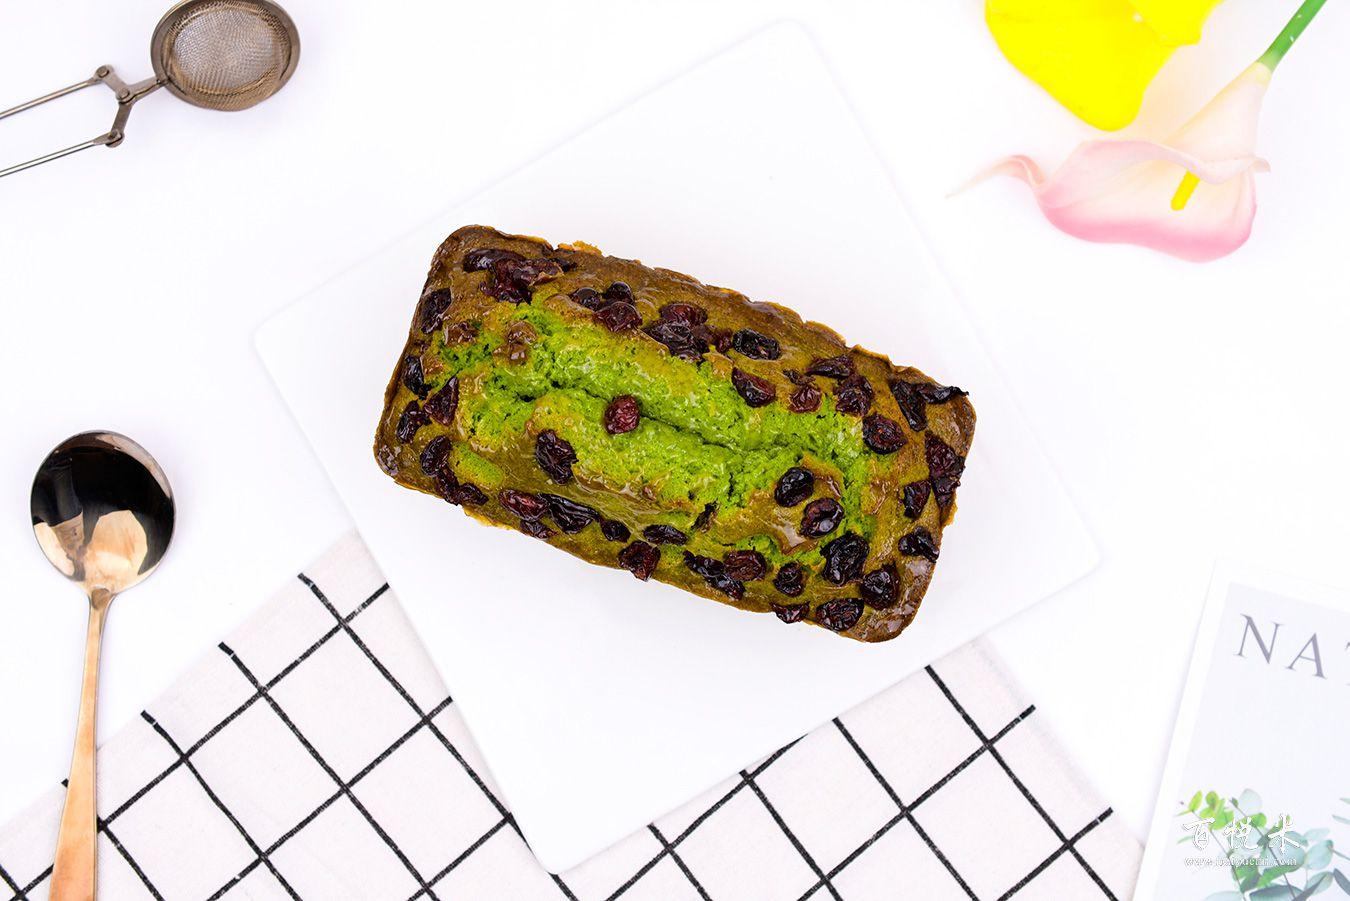 抹茶磅蛋糕的高清图片大全【蛋糕图片】_306